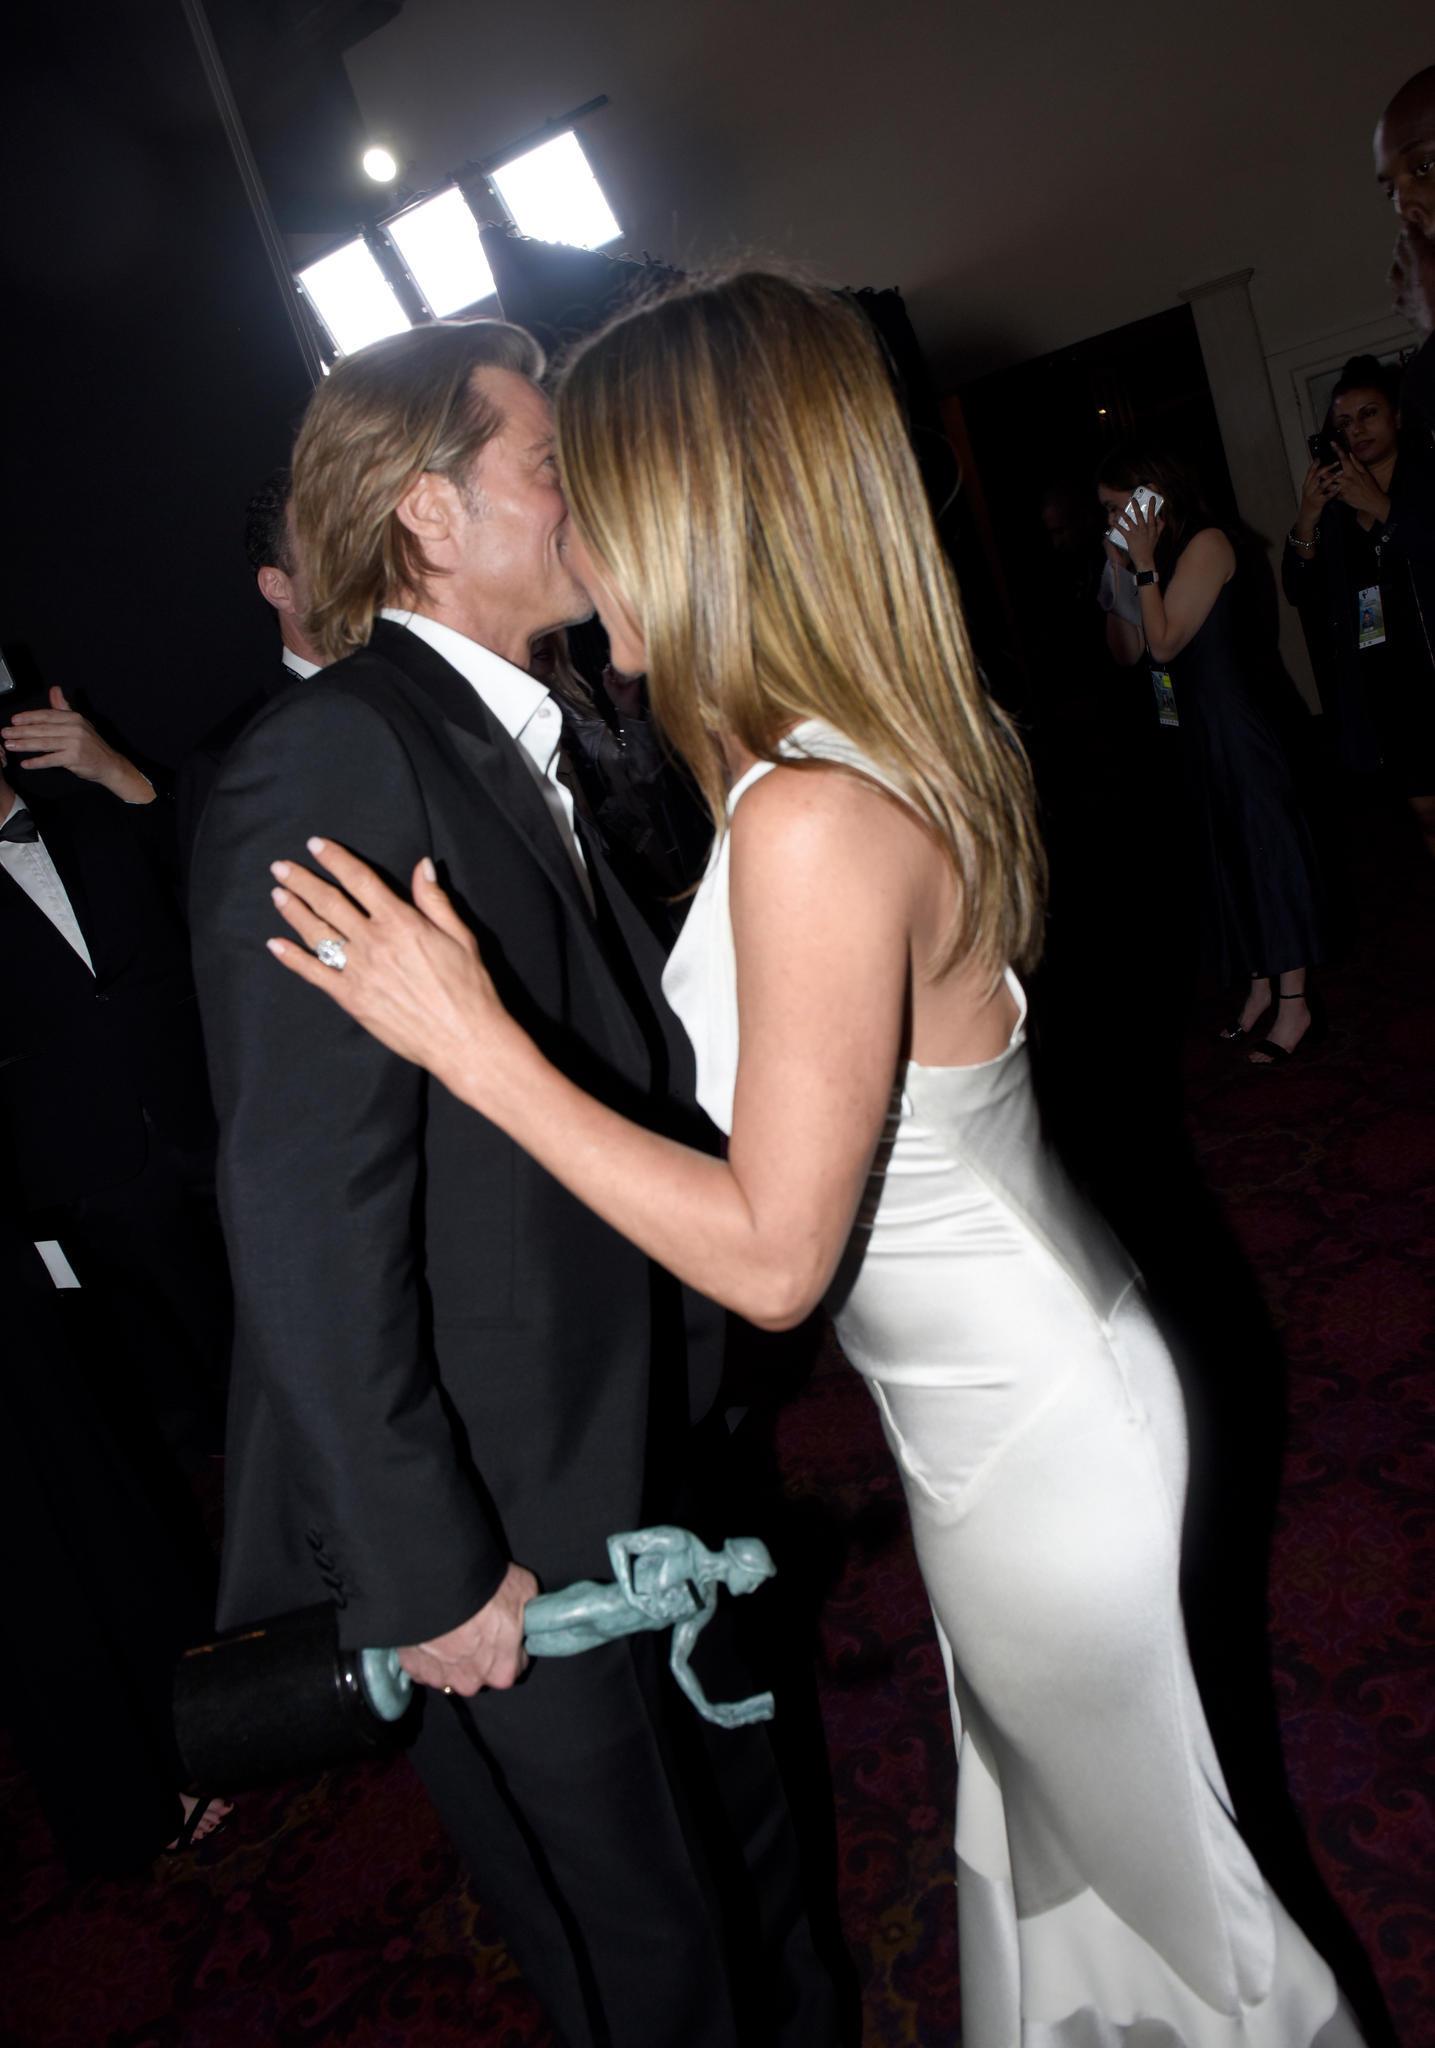 Ganz vertraut begrüßten sich Brad Pitt & Jennifer Aniston bei den SAG Awards backstage